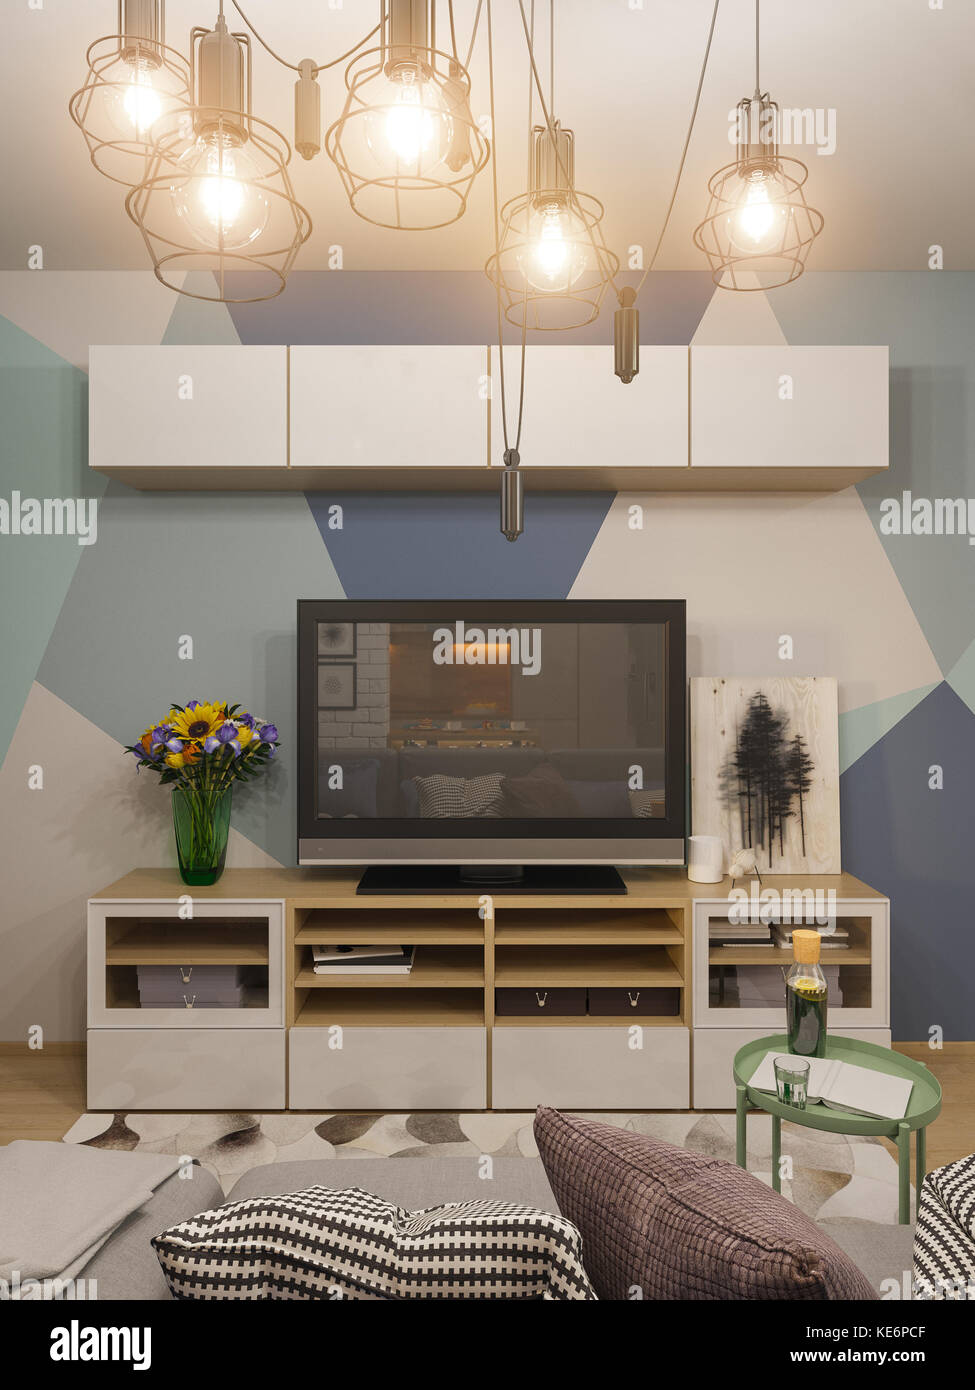 3D-Illustration Wohnzimmer Interieur. Studio Apartment in ...